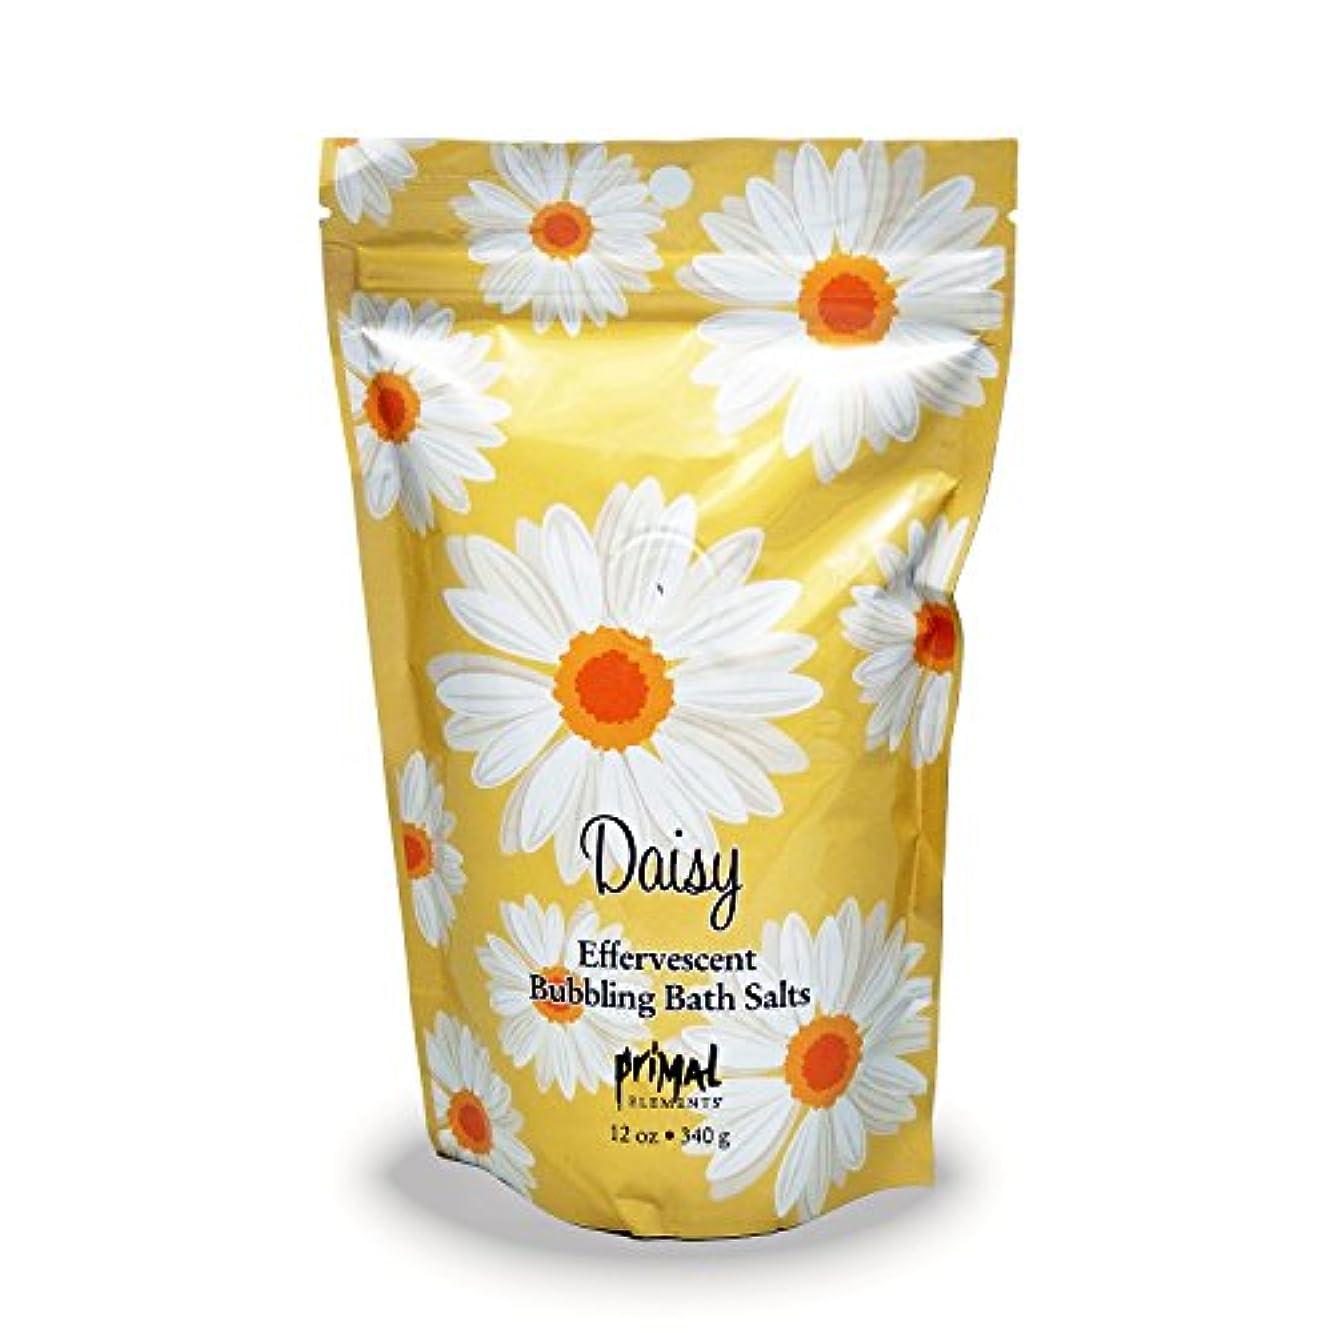 偽使役広範囲にプライモールエレメンツ バブリング バスソルト/デイジー 340g エプソムソルト含有 アロマの香りがひろがる泡立つ入浴剤